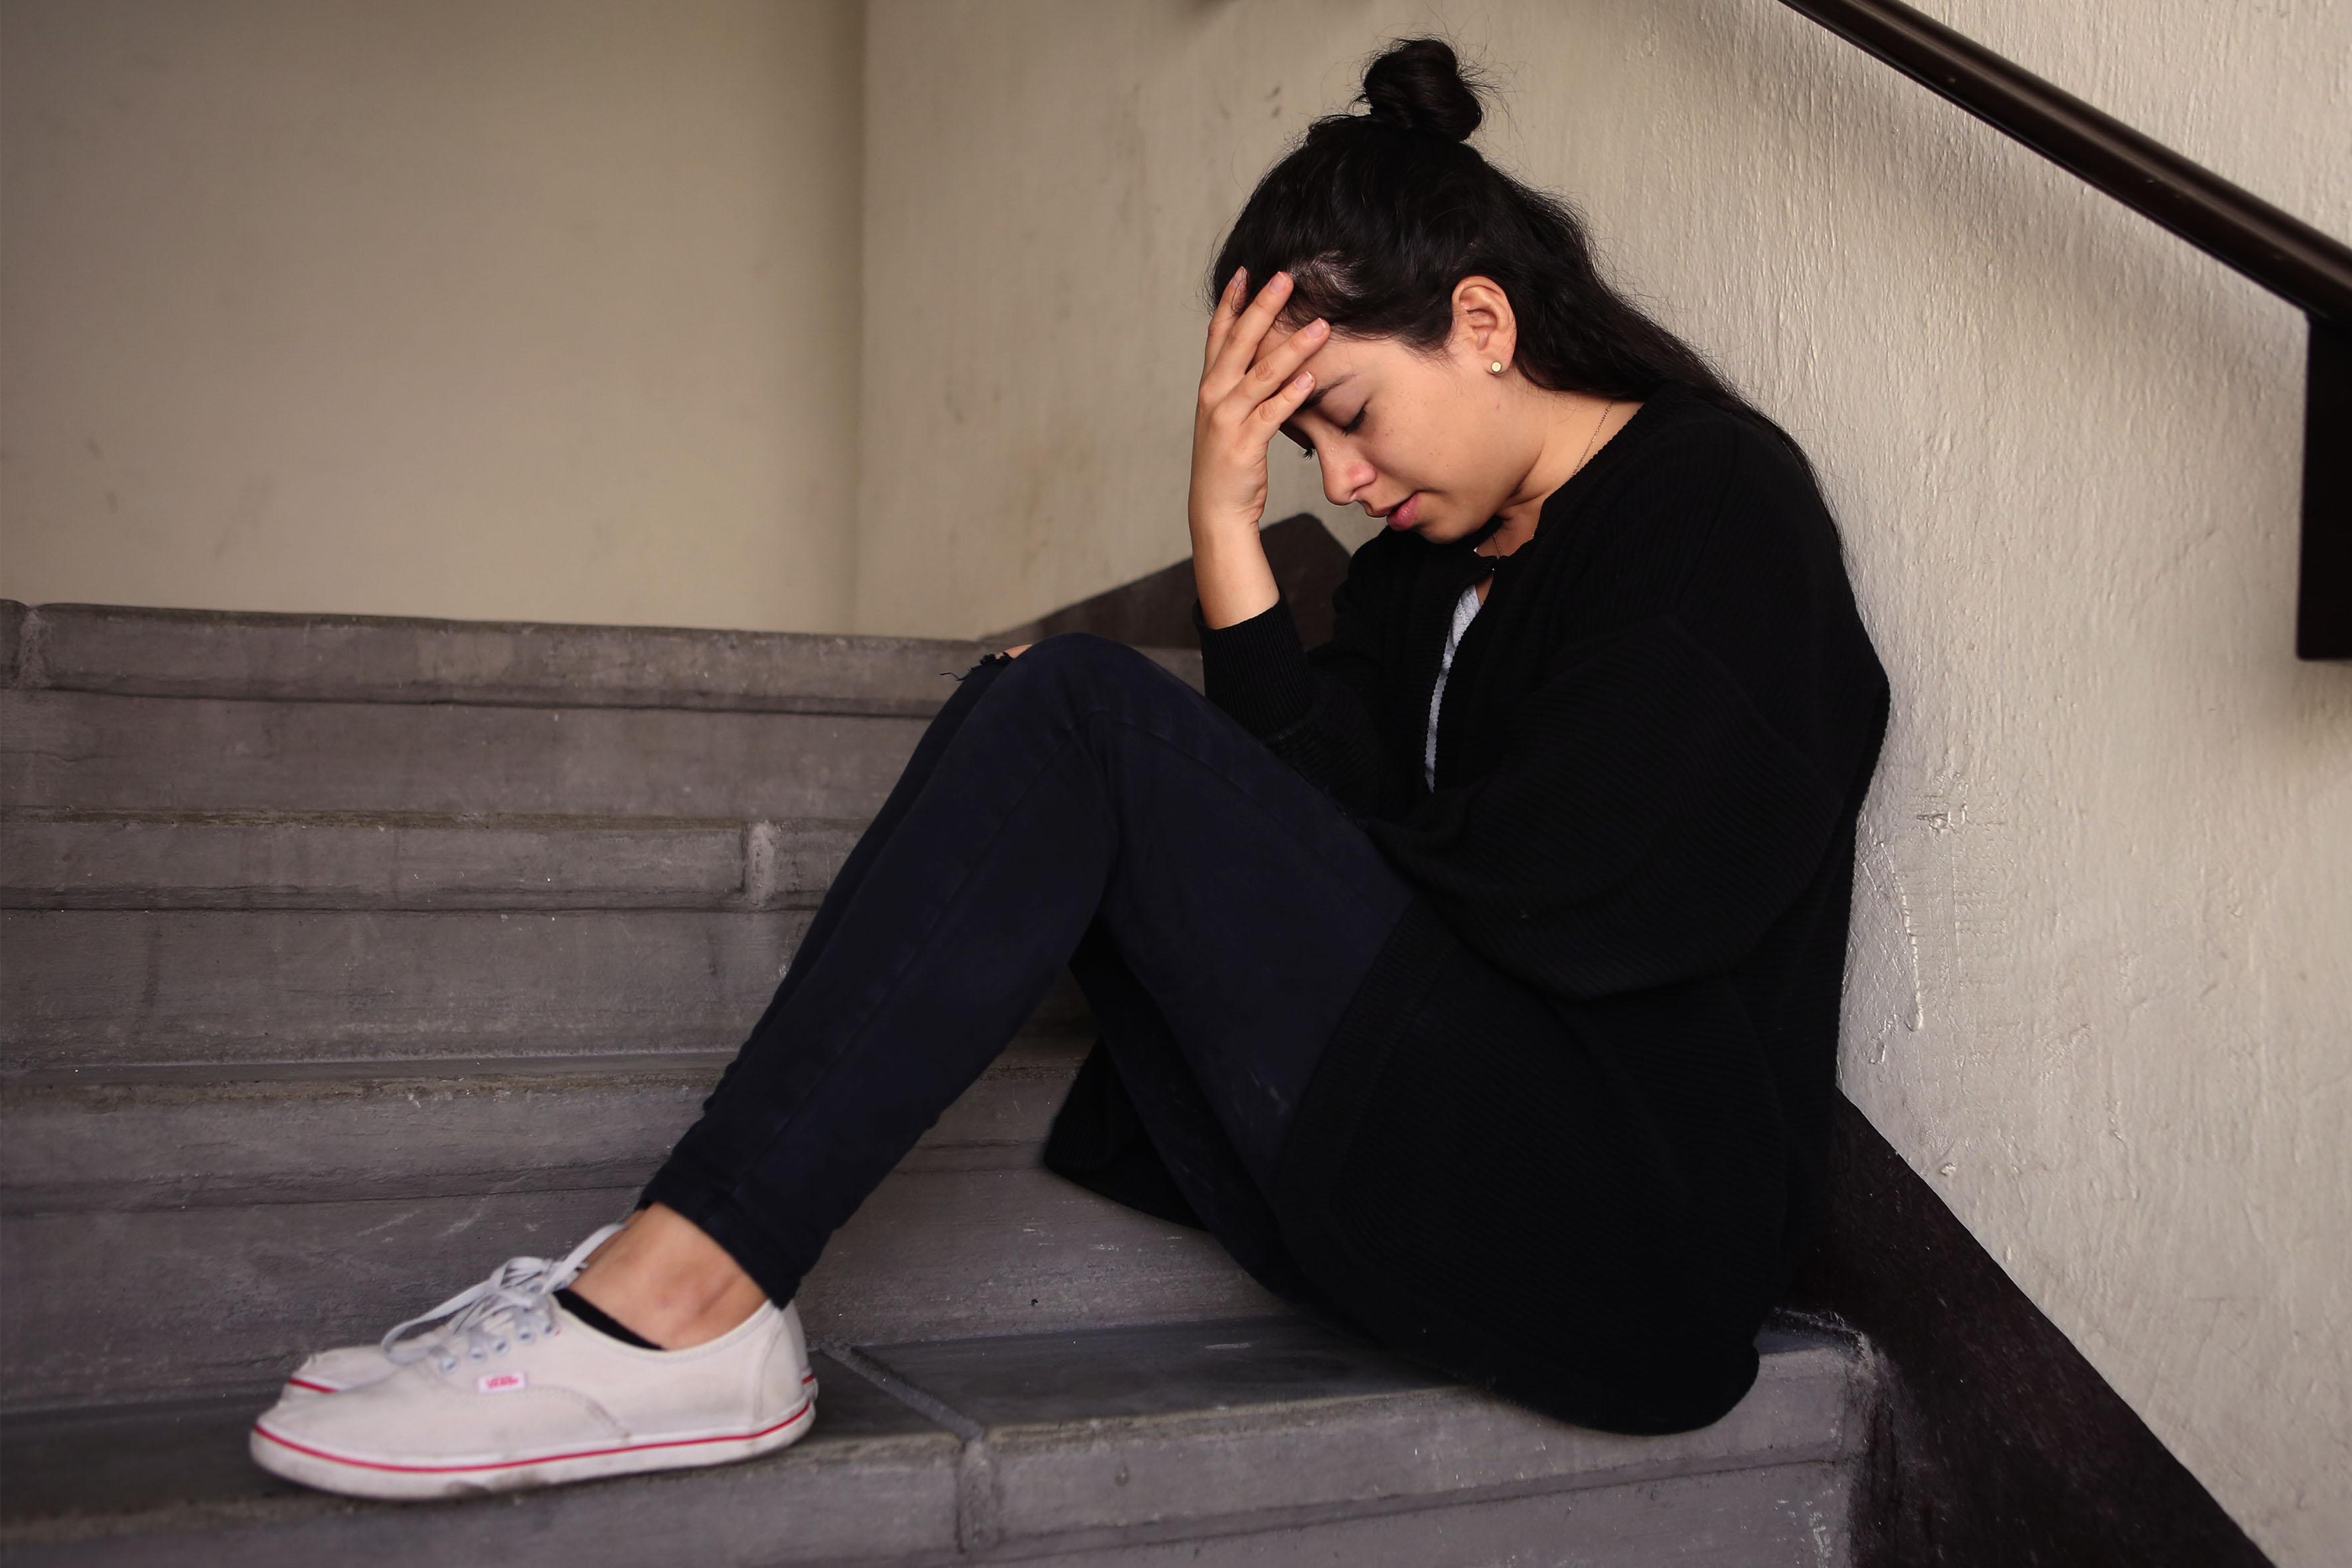 Joven mujer sentada al borde de unas escaleras en posición fetal, con los ojos cerrados,apoyándose con una de las manos, la cabeza.